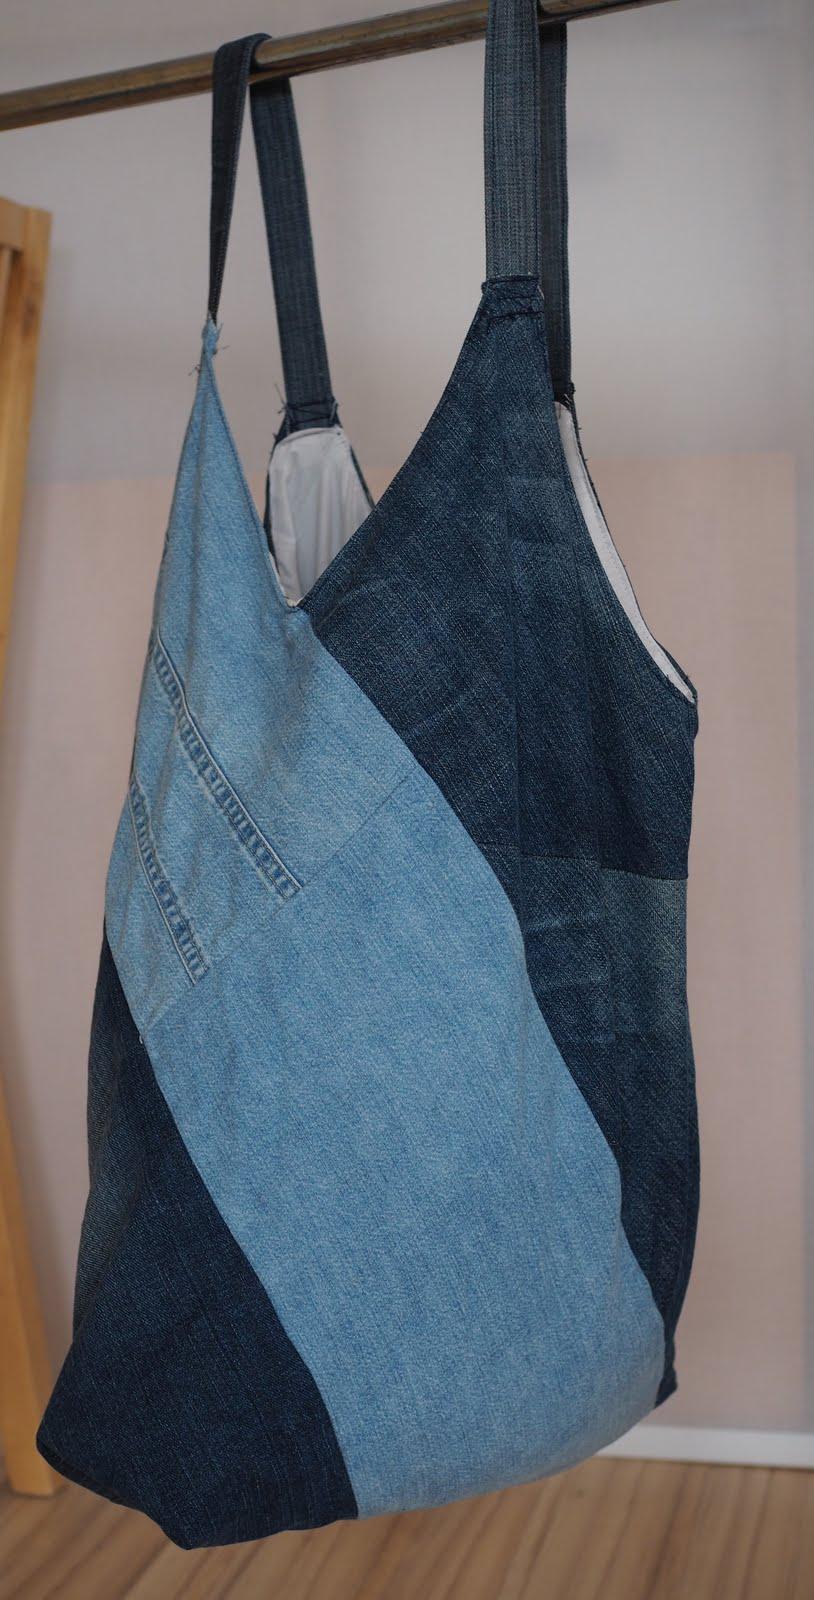 kuestensocke mit der alten jeans zum einkaufen. Black Bedroom Furniture Sets. Home Design Ideas